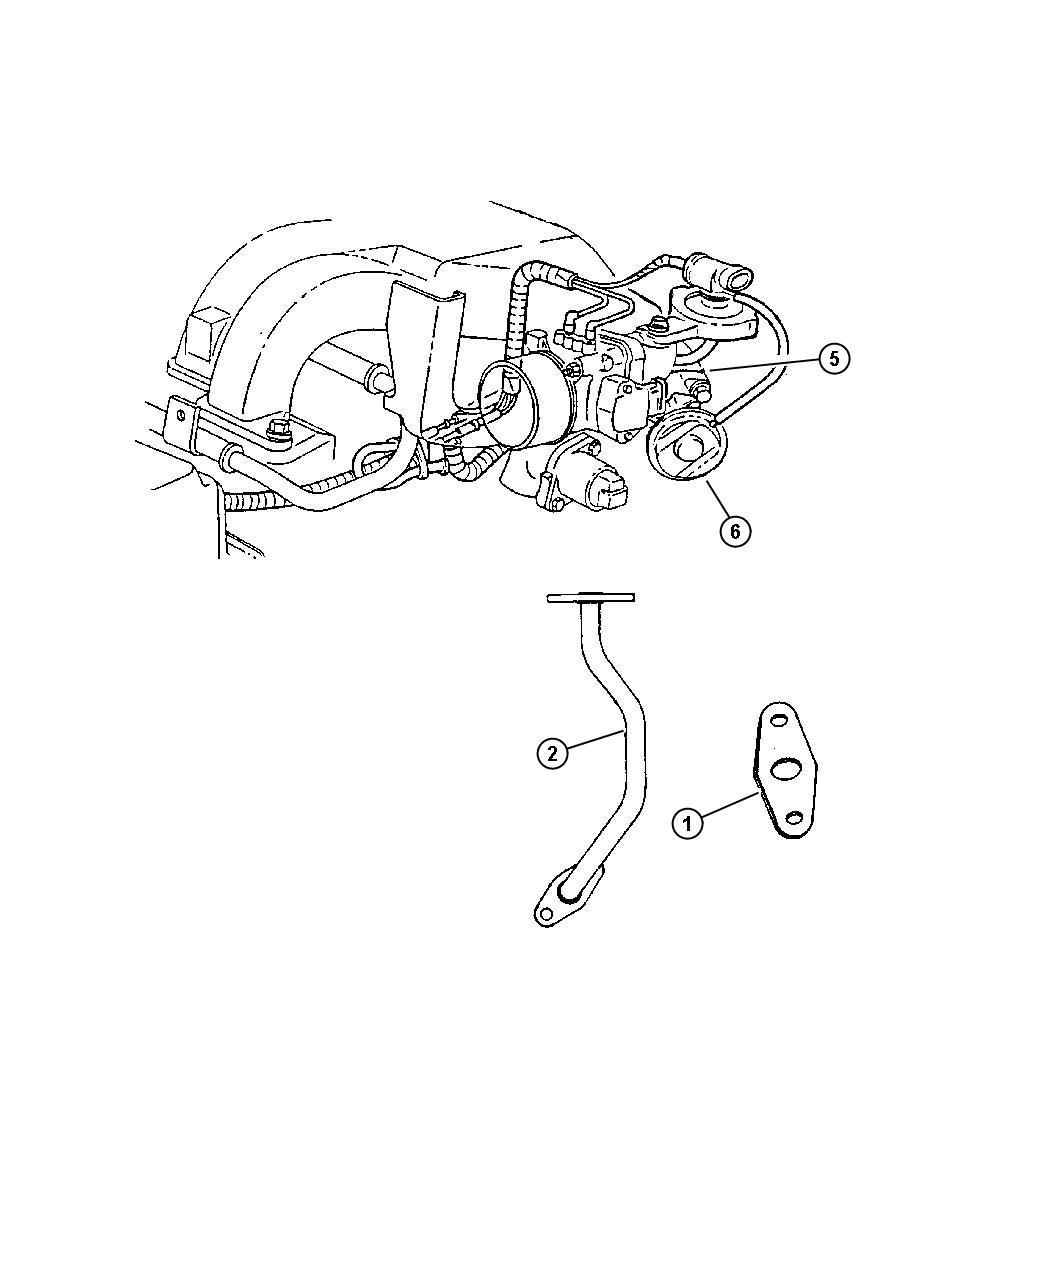 Plymouth Voyager Gasket  Egr Tube Flange   2 7l V6 Dohc 24